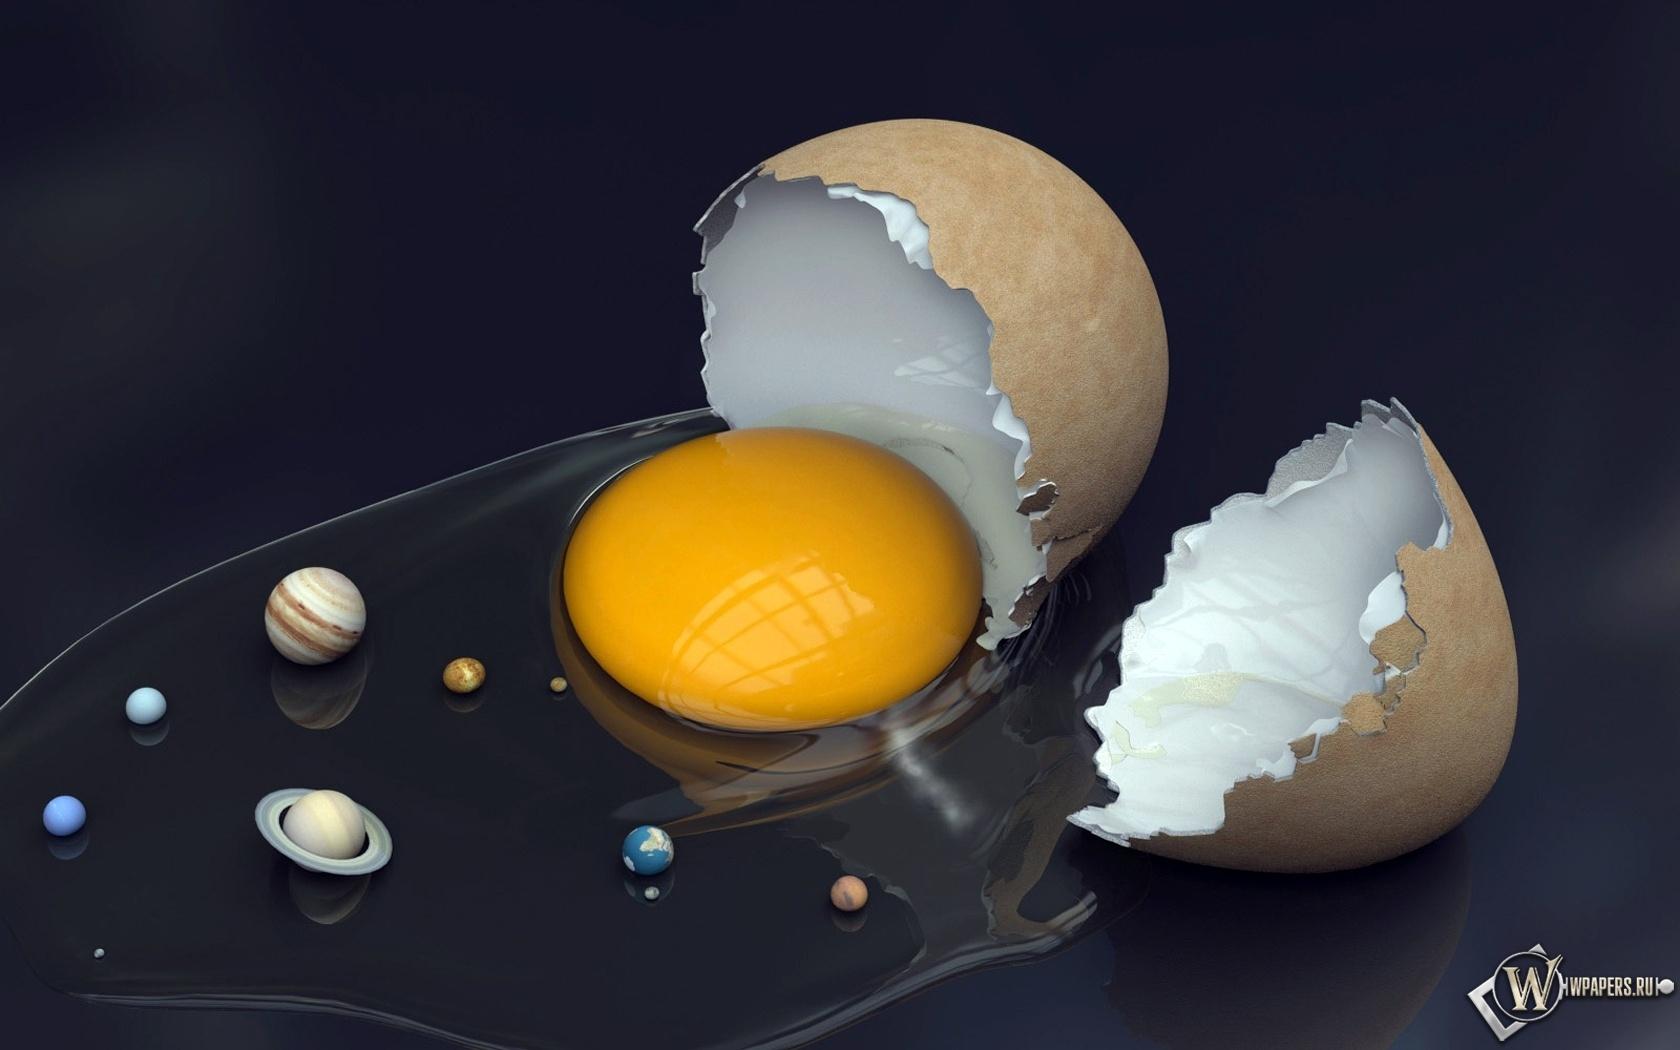 Солнечная система в яйце 1680x1050